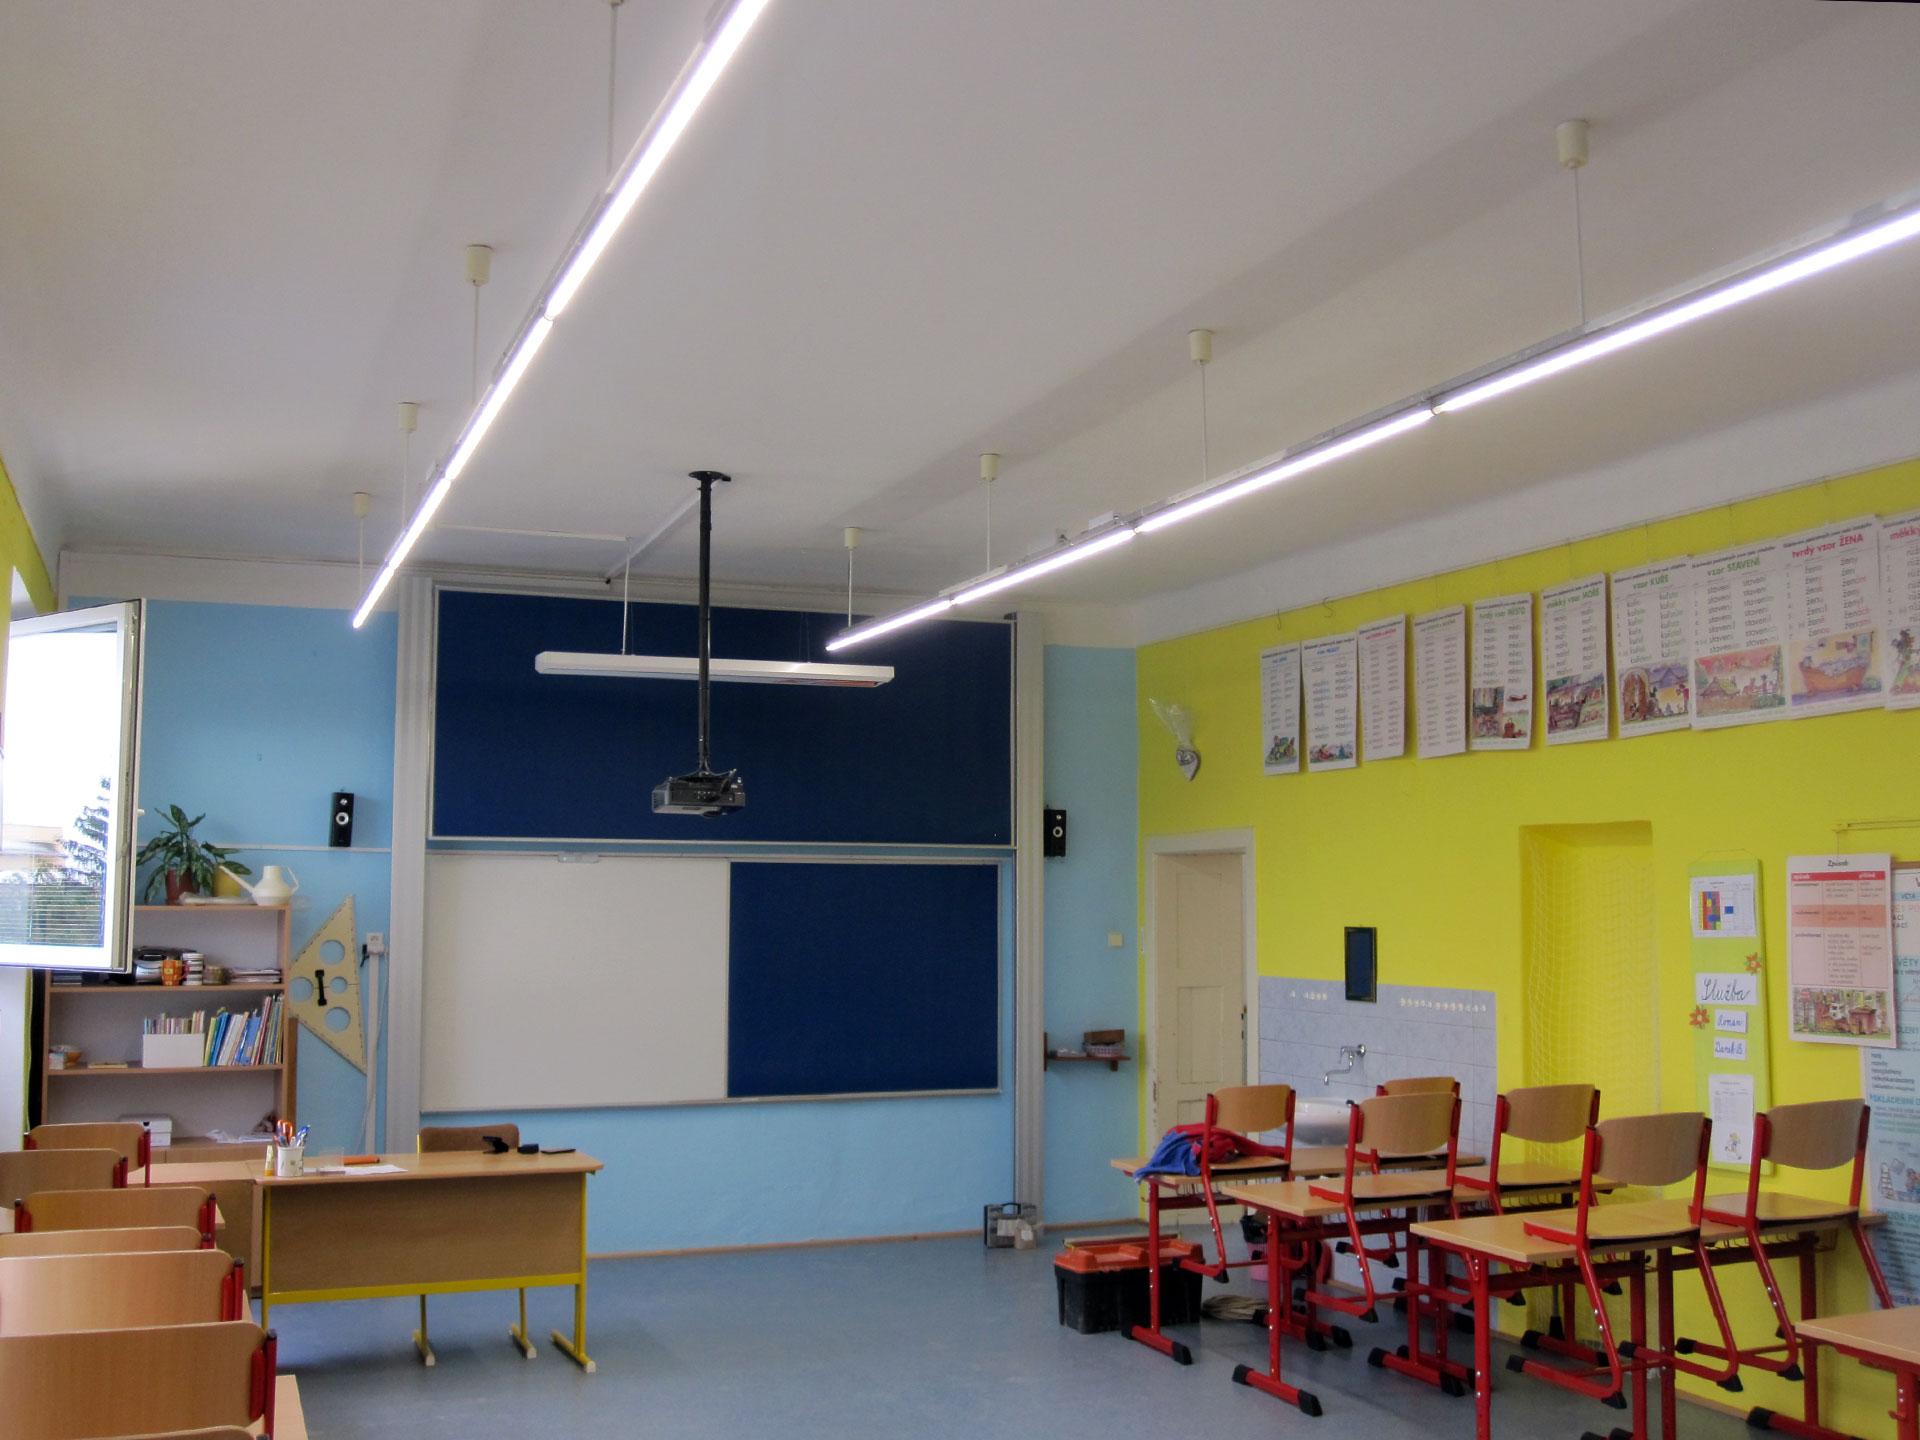 Instalace osvětlení v základní škole, Vlkoš